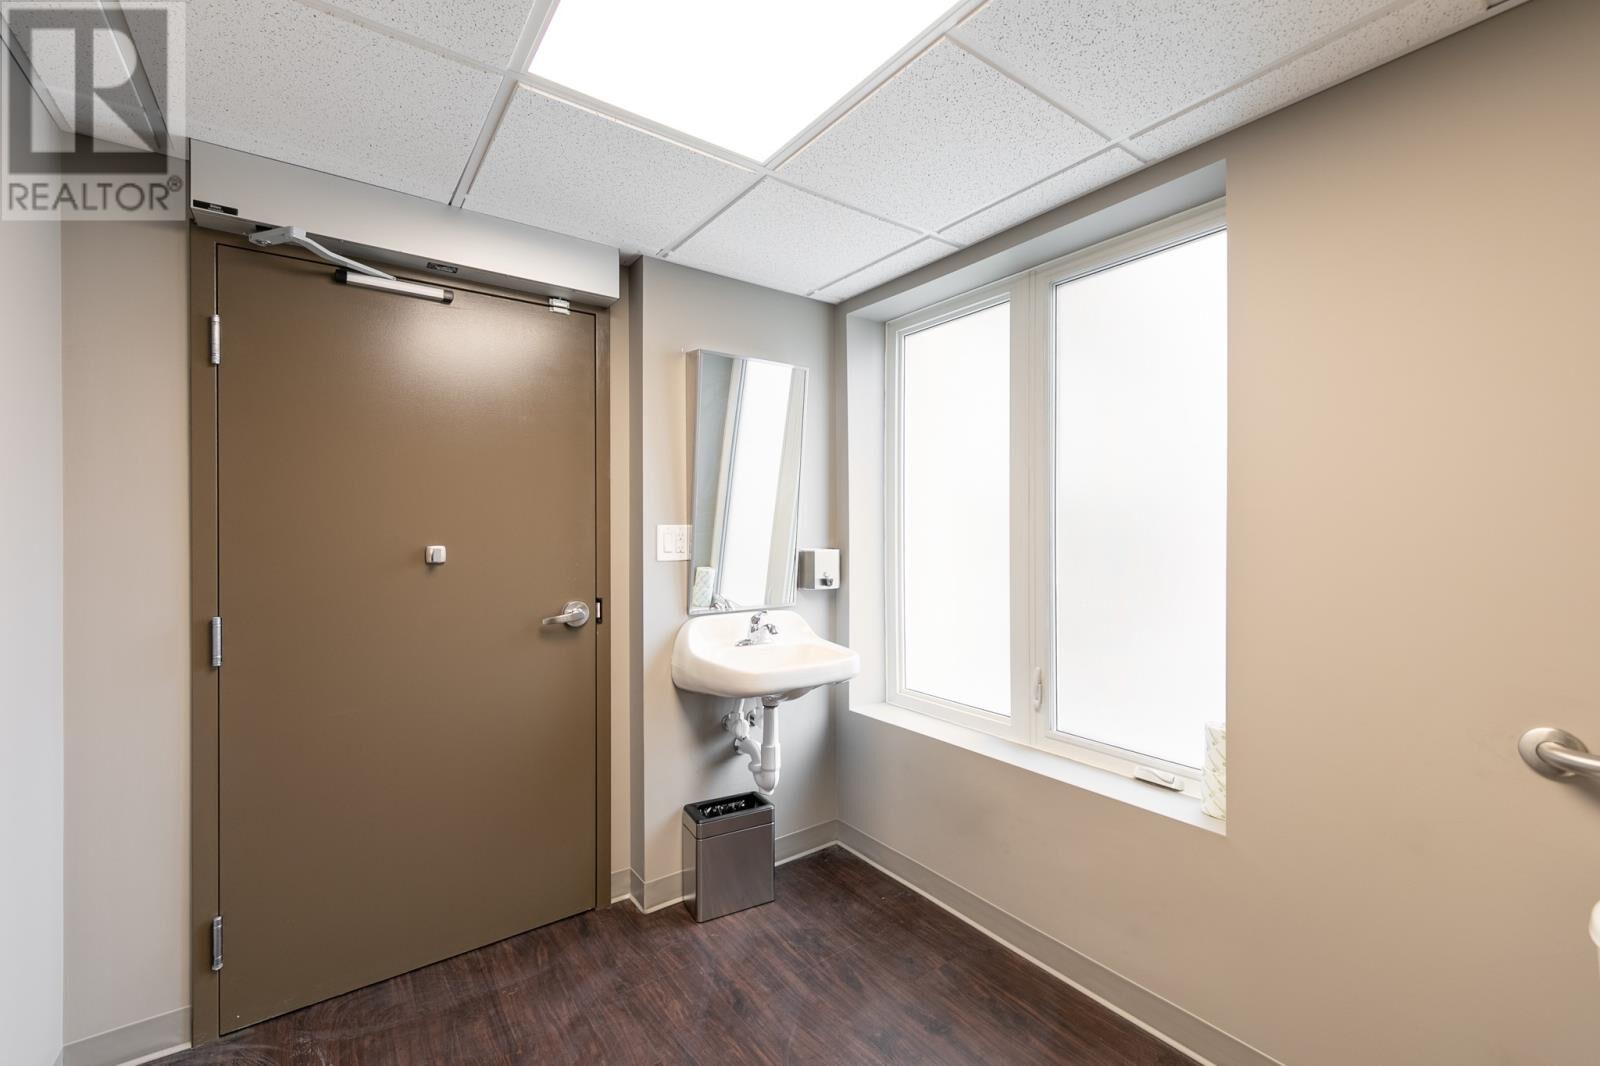 Image nr 33 for listing 1083 OUELLETTE AVENUE, Windsor